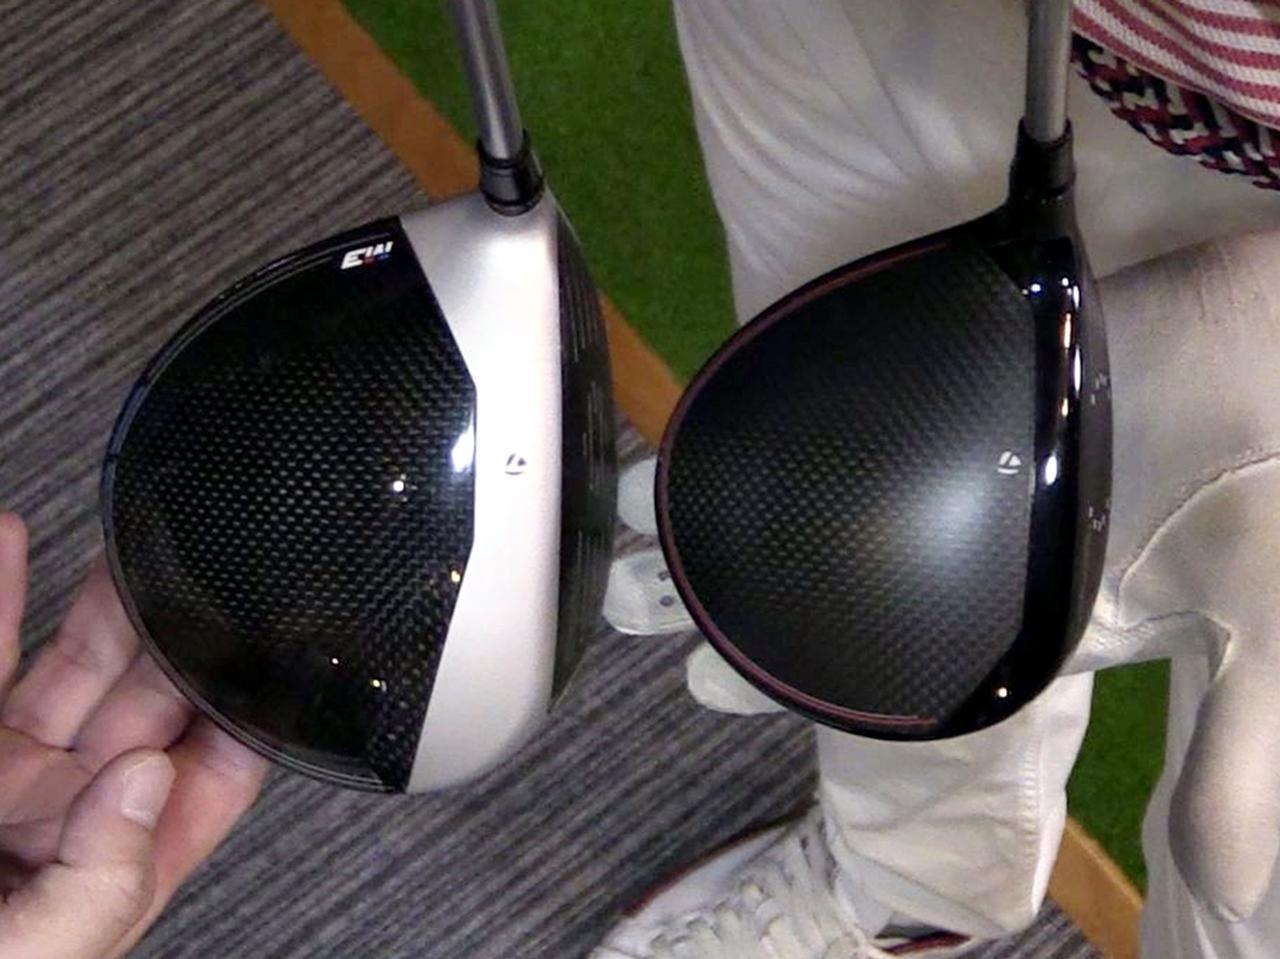 画像: 同じテーラーメイドのドライバーで460ccの「M3 460」(左)と比較すると、その小ささがよく分かる